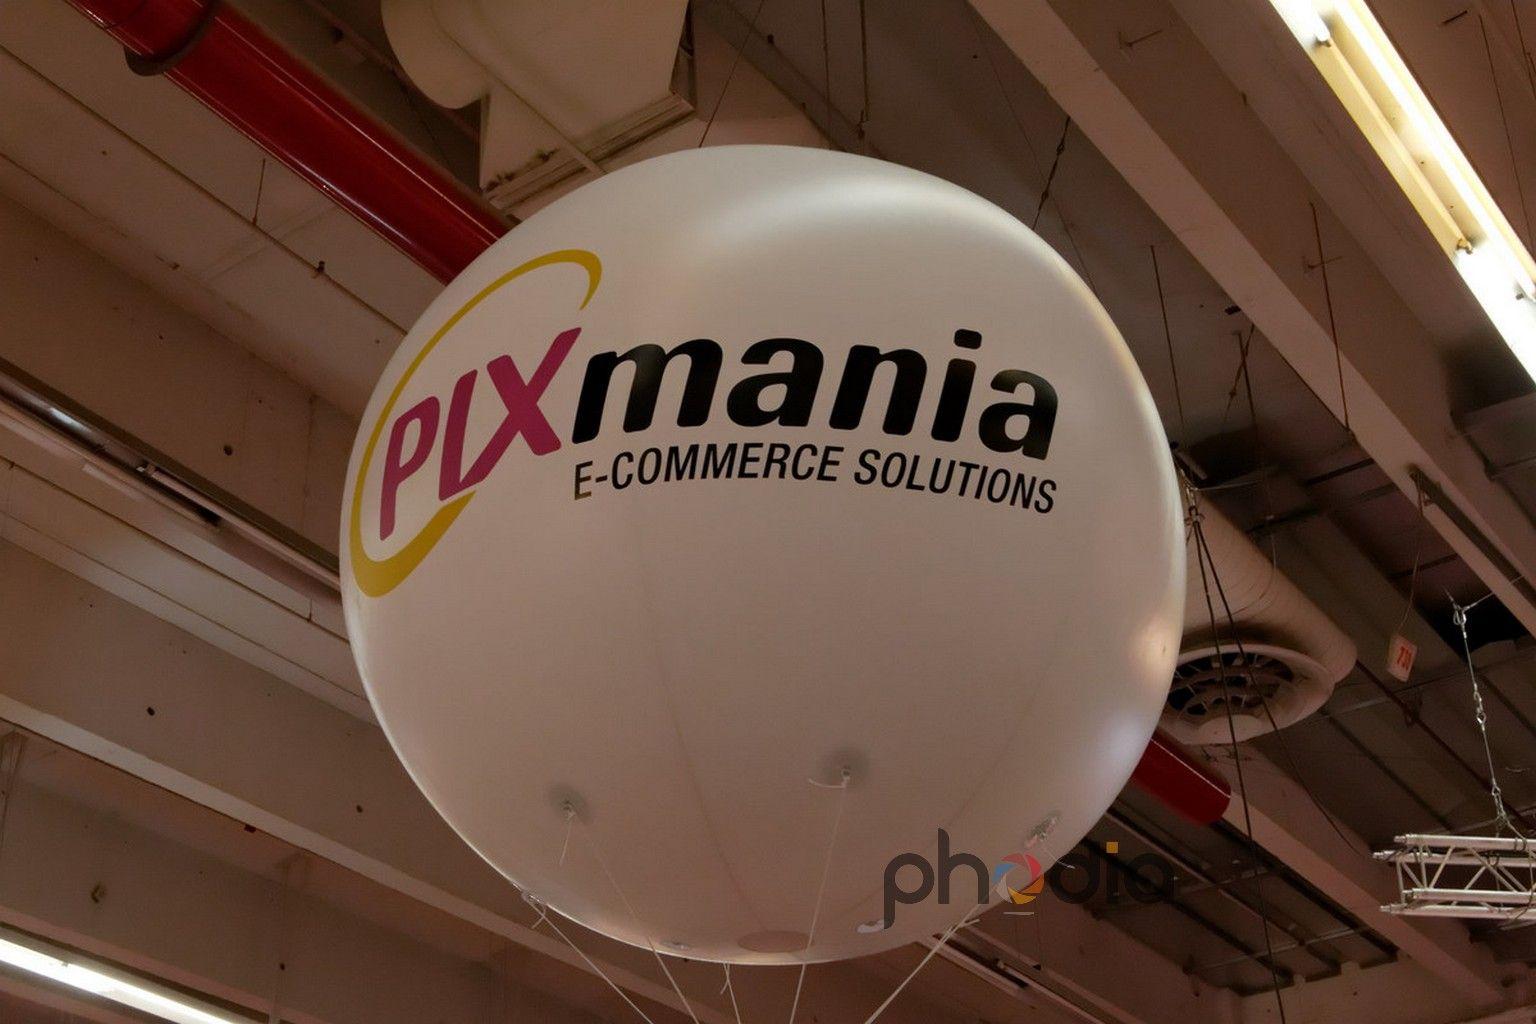 Gonflable publicitaire Pixmania au salon e-commerce 2011